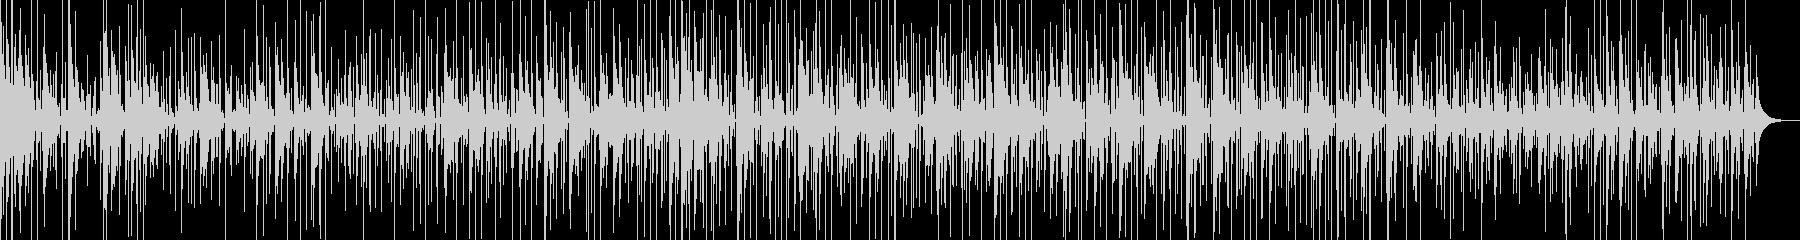 自己内省瞑想音楽6の未再生の波形